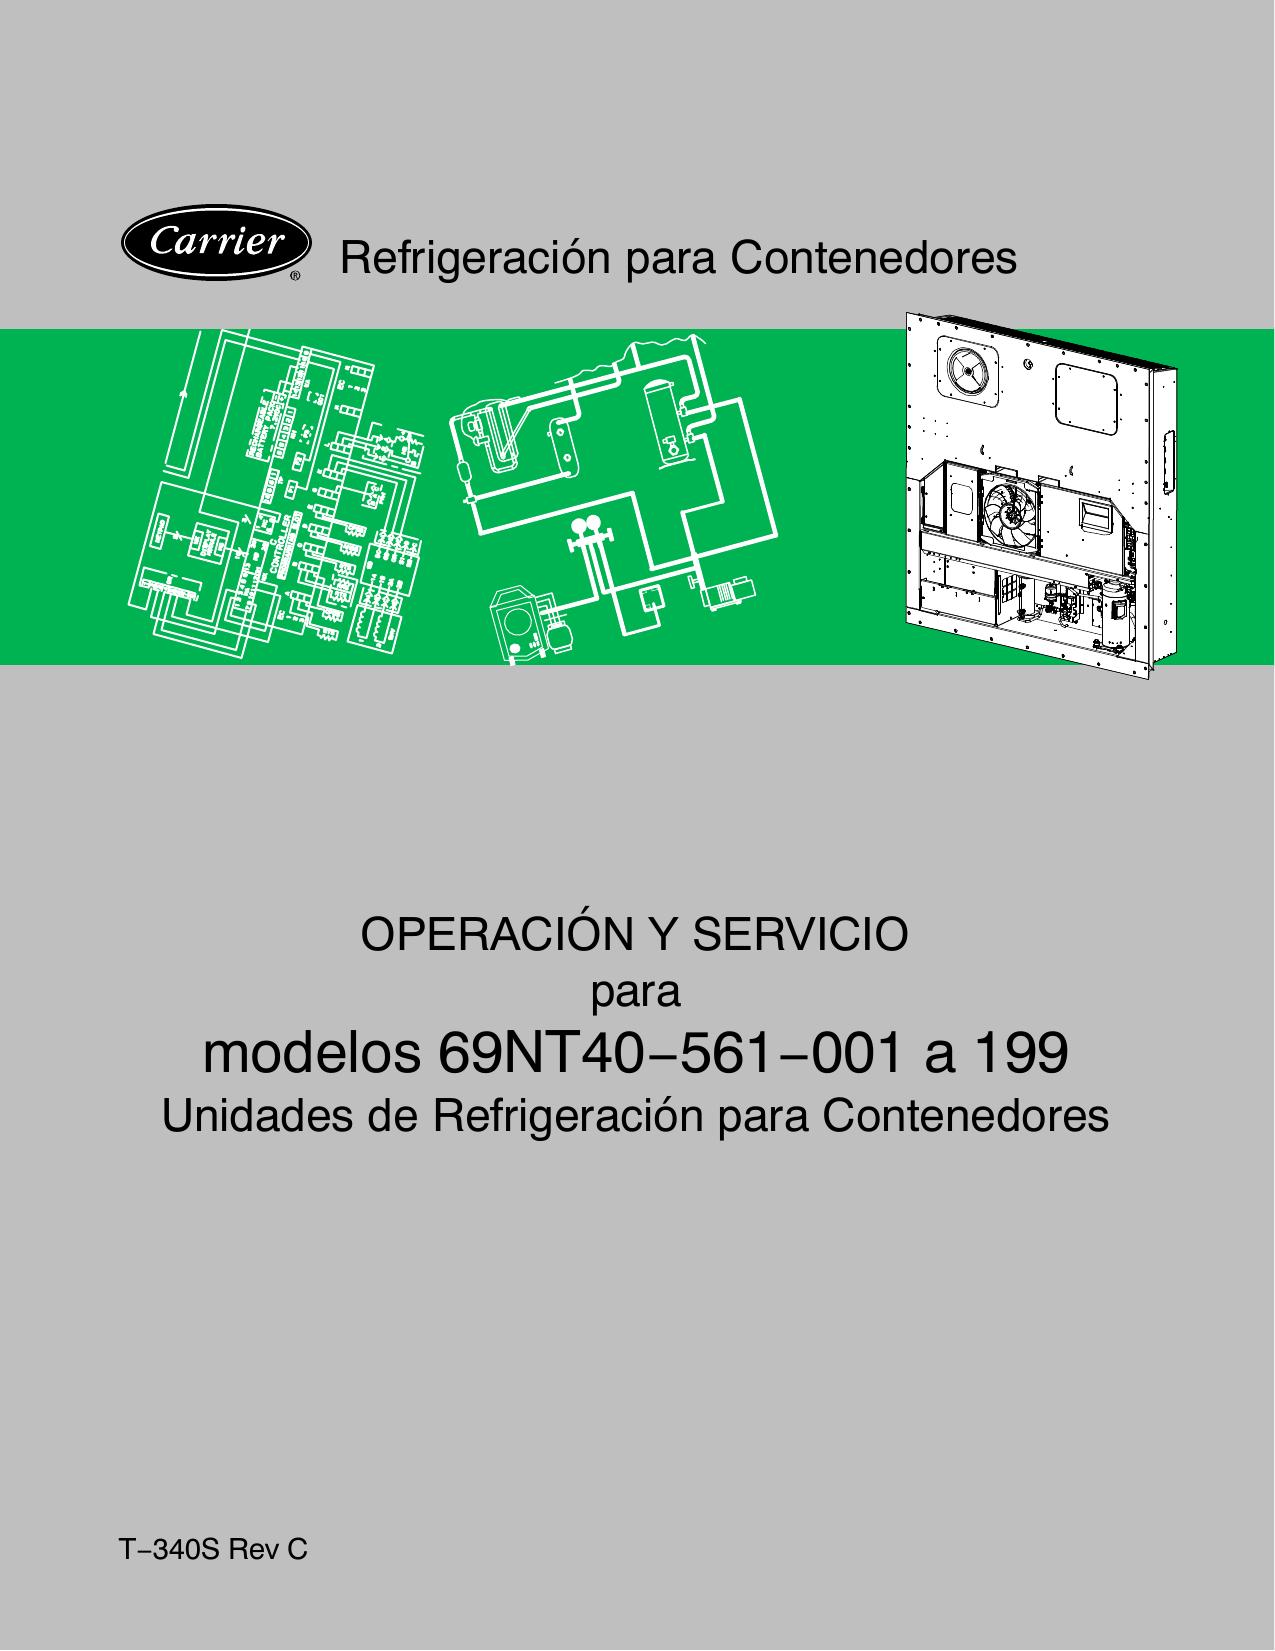 modelos 69NT40-561-001 a 199 | manualzz.com